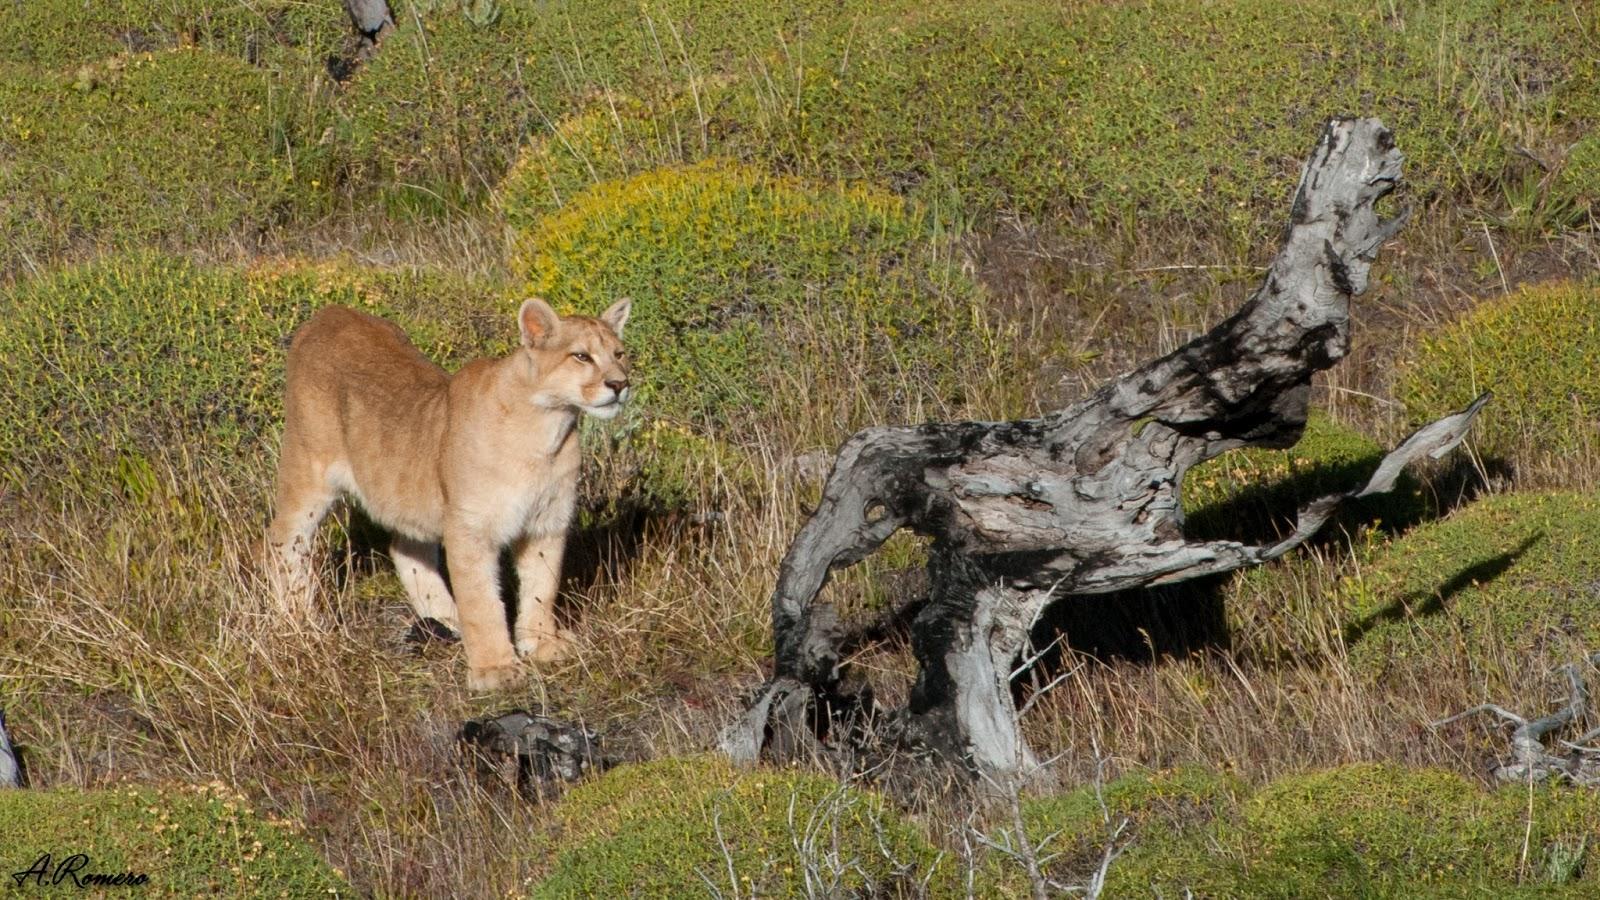 Los cachorros, con un pelaje moteado al nacer que van perdiendo con la edad, permanecen junto a la madre cerca de dos años aprendiendo y colaborando en la caza de presas para la unidad familiar antes de independizarse y vivir una vida solitaria. Parque Nacional Torres del Paine, Chile.